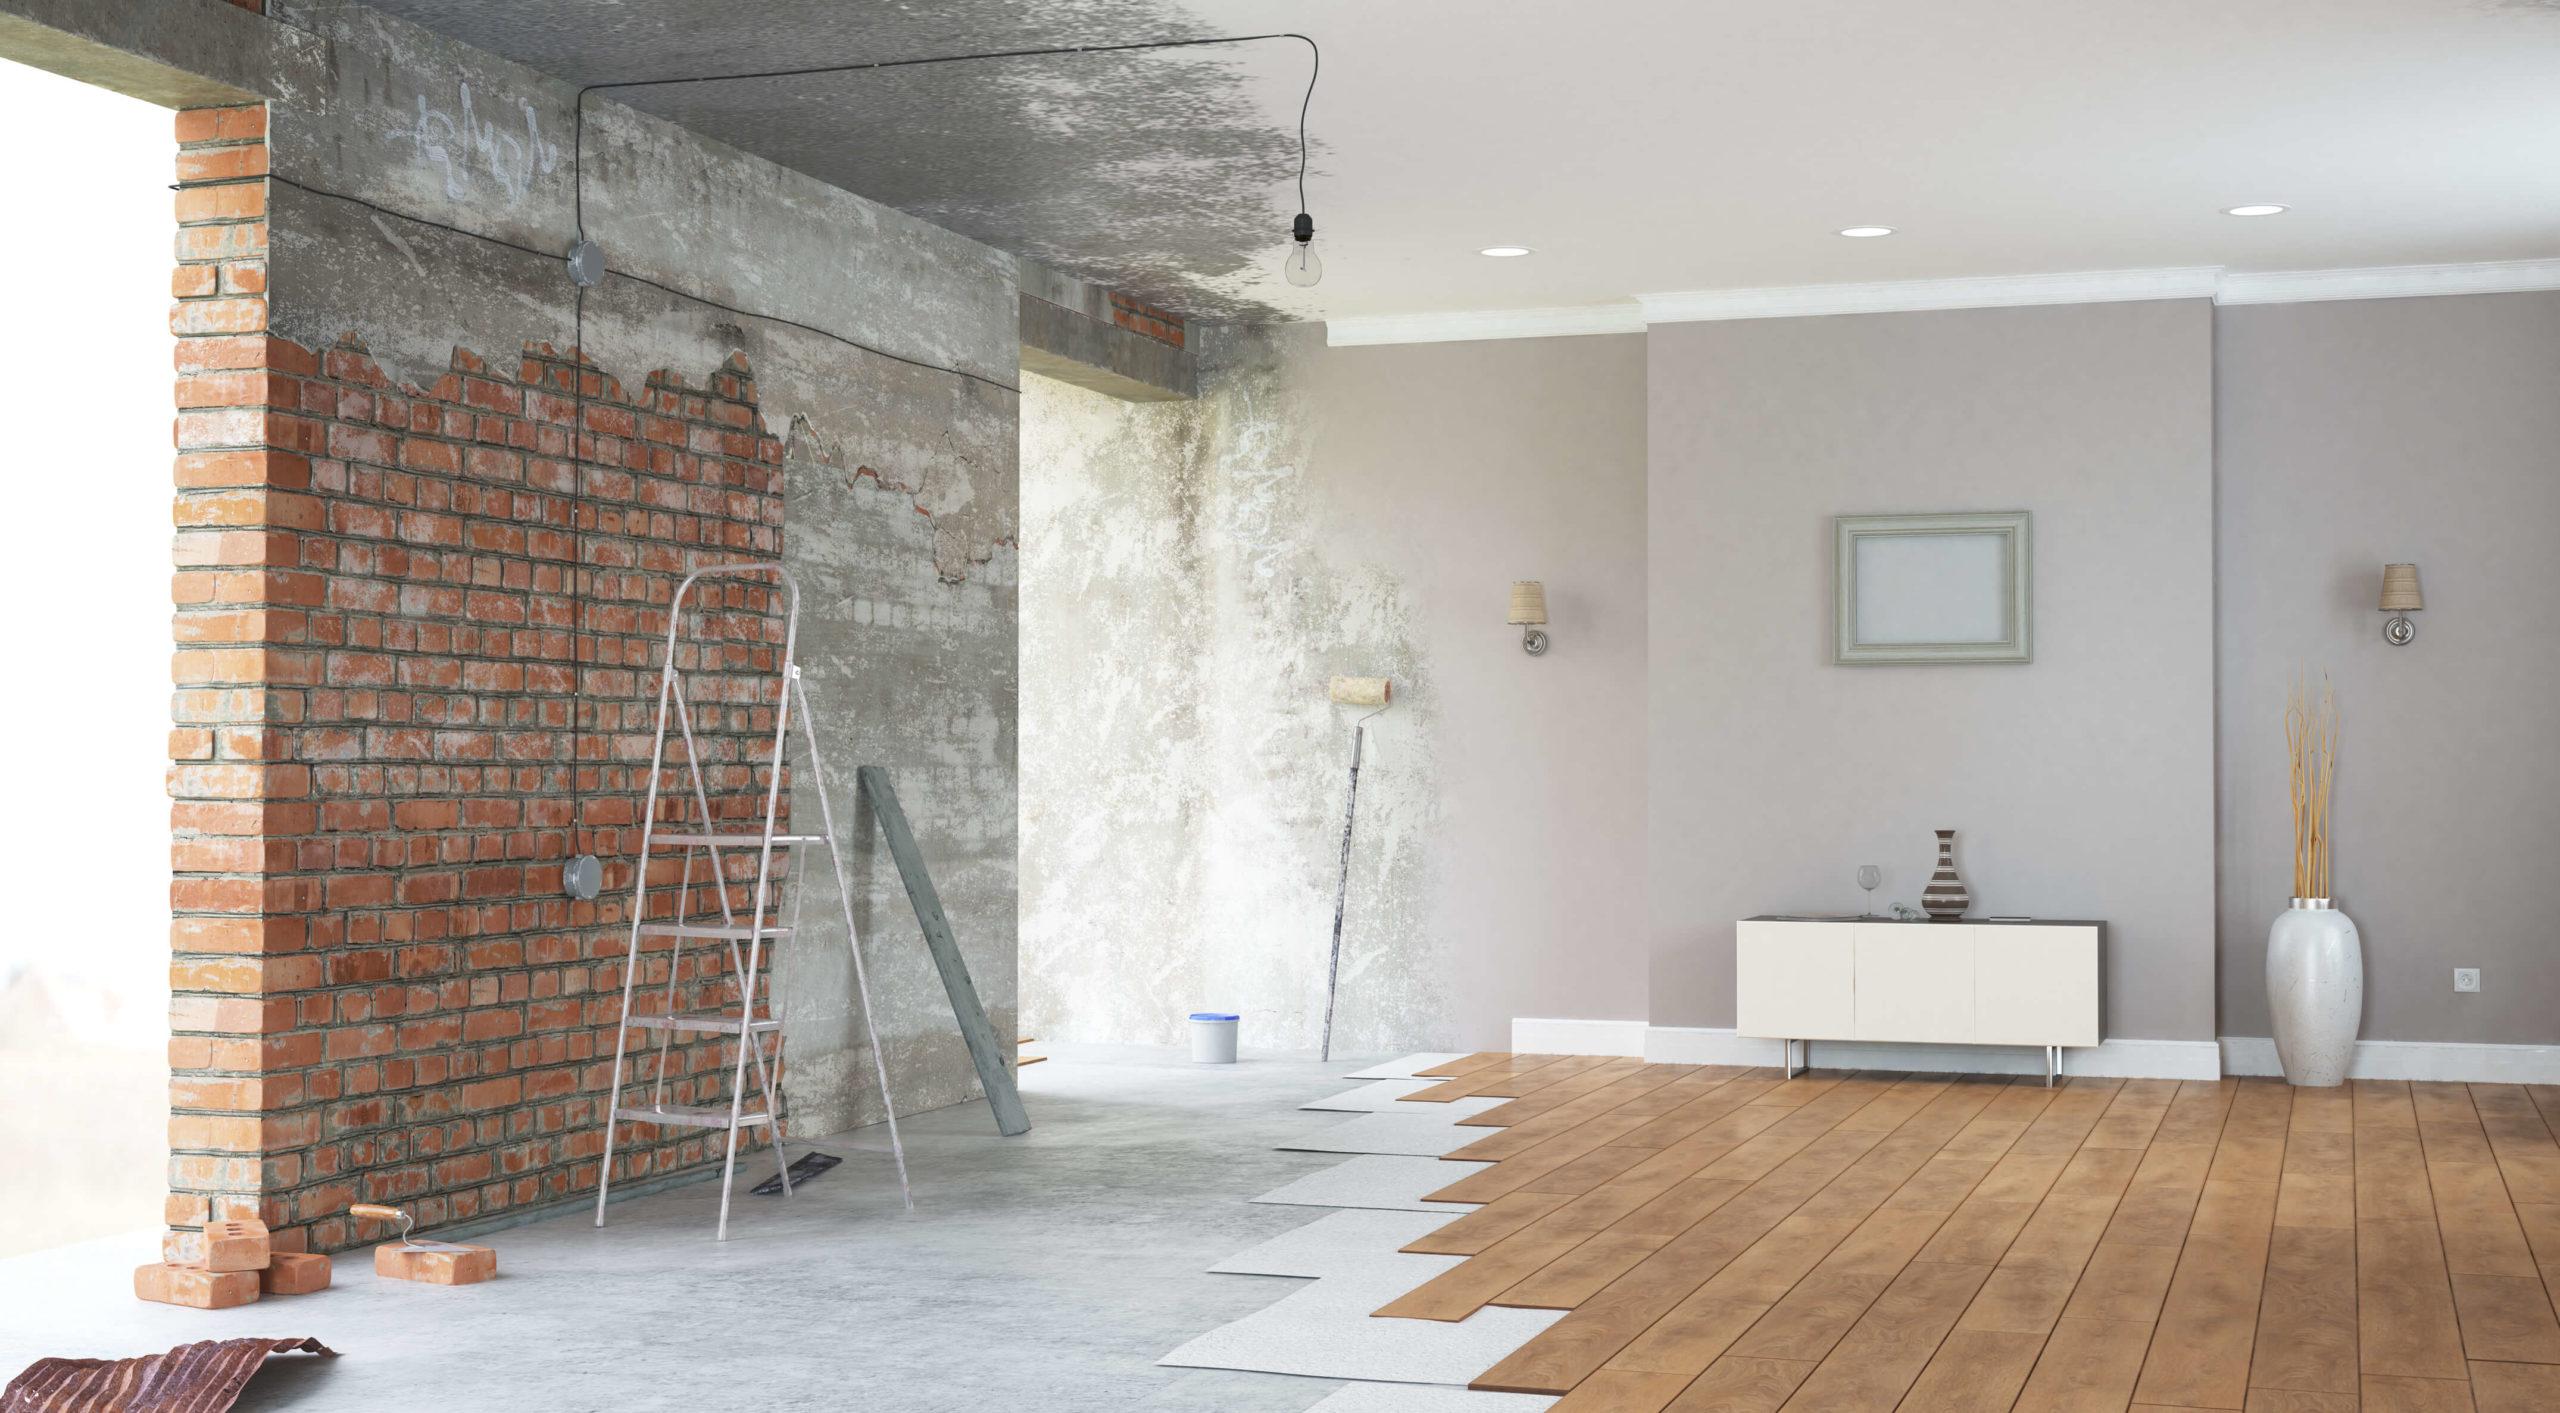 Rénovation d'intérieur : comment organiser le projet avec un petit budget ?